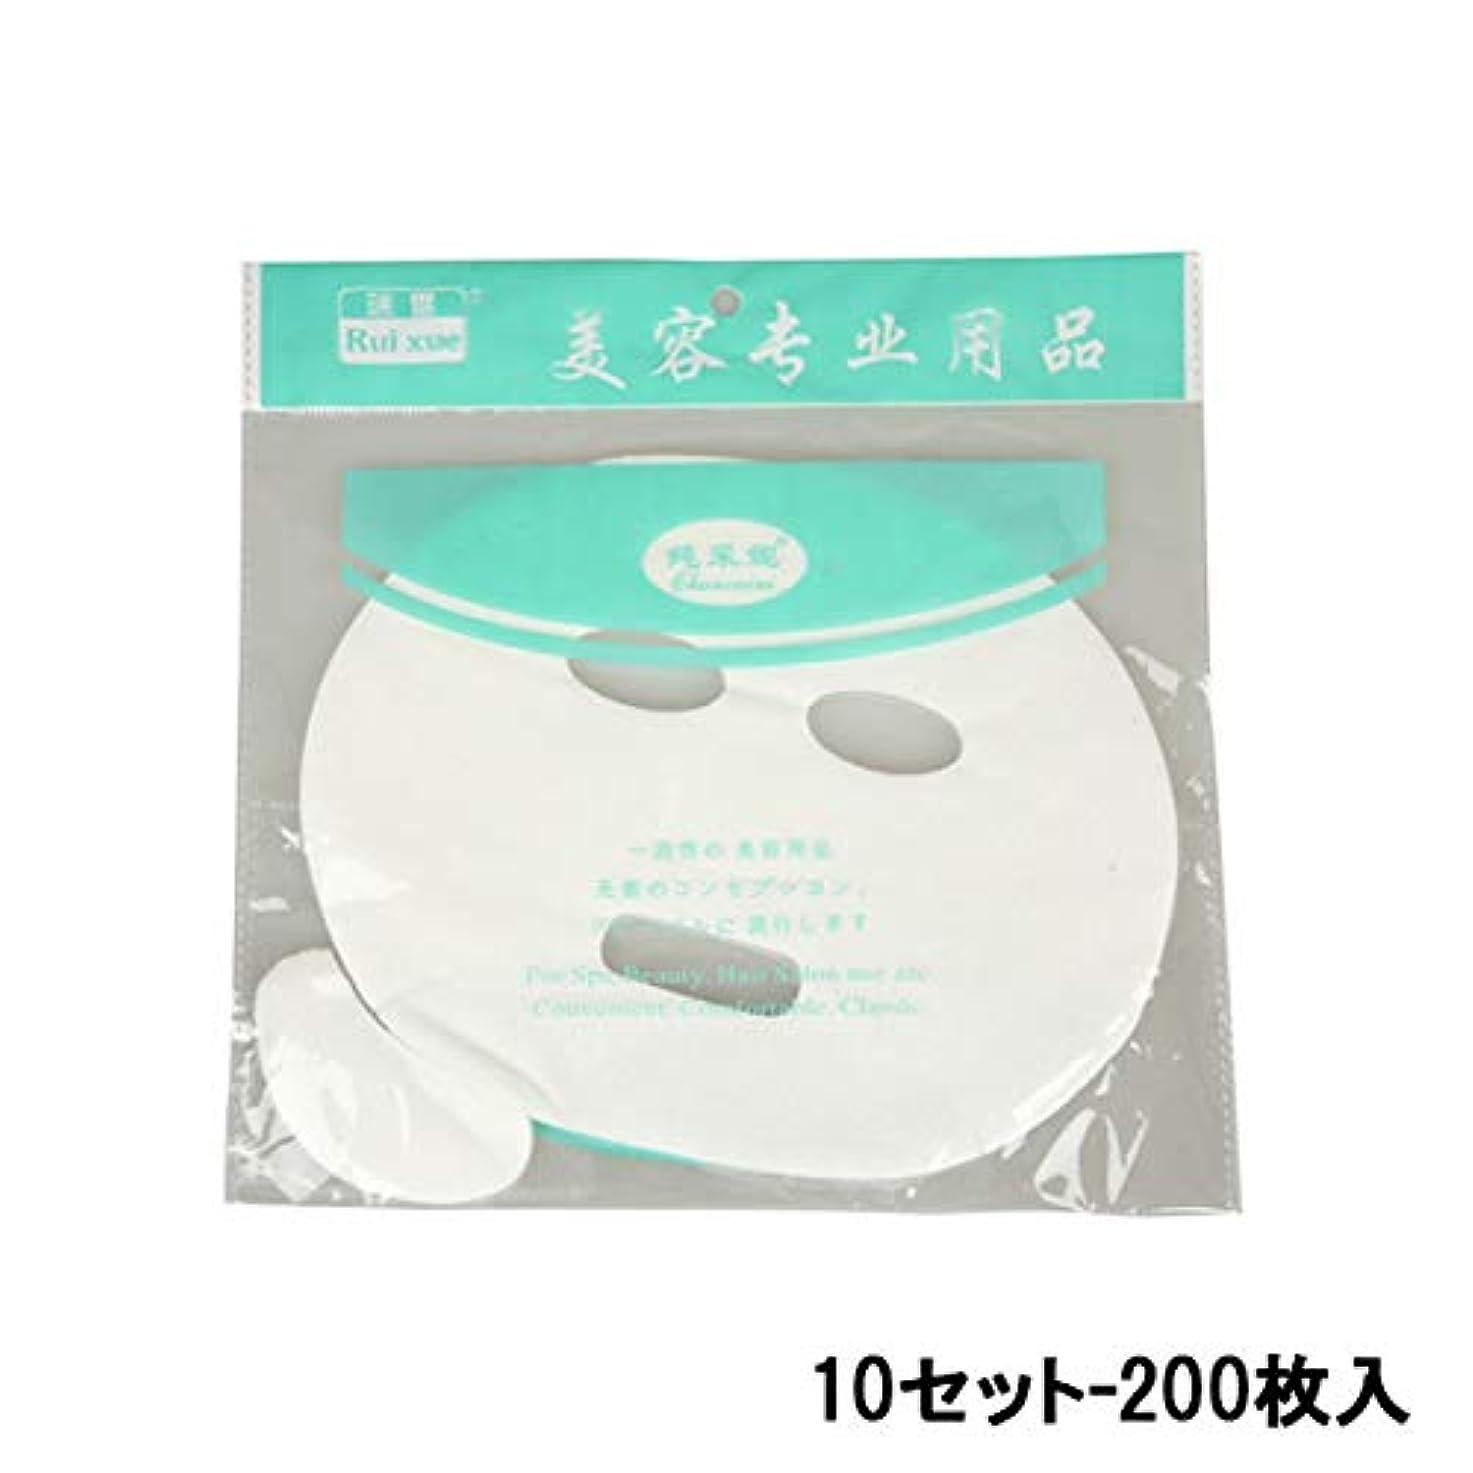 気まぐれなキルス投げ捨てるフェイシャルシート (やや厚手タイプ) 20枚入 23.5×19cm (10セット-200枚入) [ フェイスマスク フェイスシート フェイスパック フェイシャルマスク フェイシャルパック ローションマスク ローションパック...